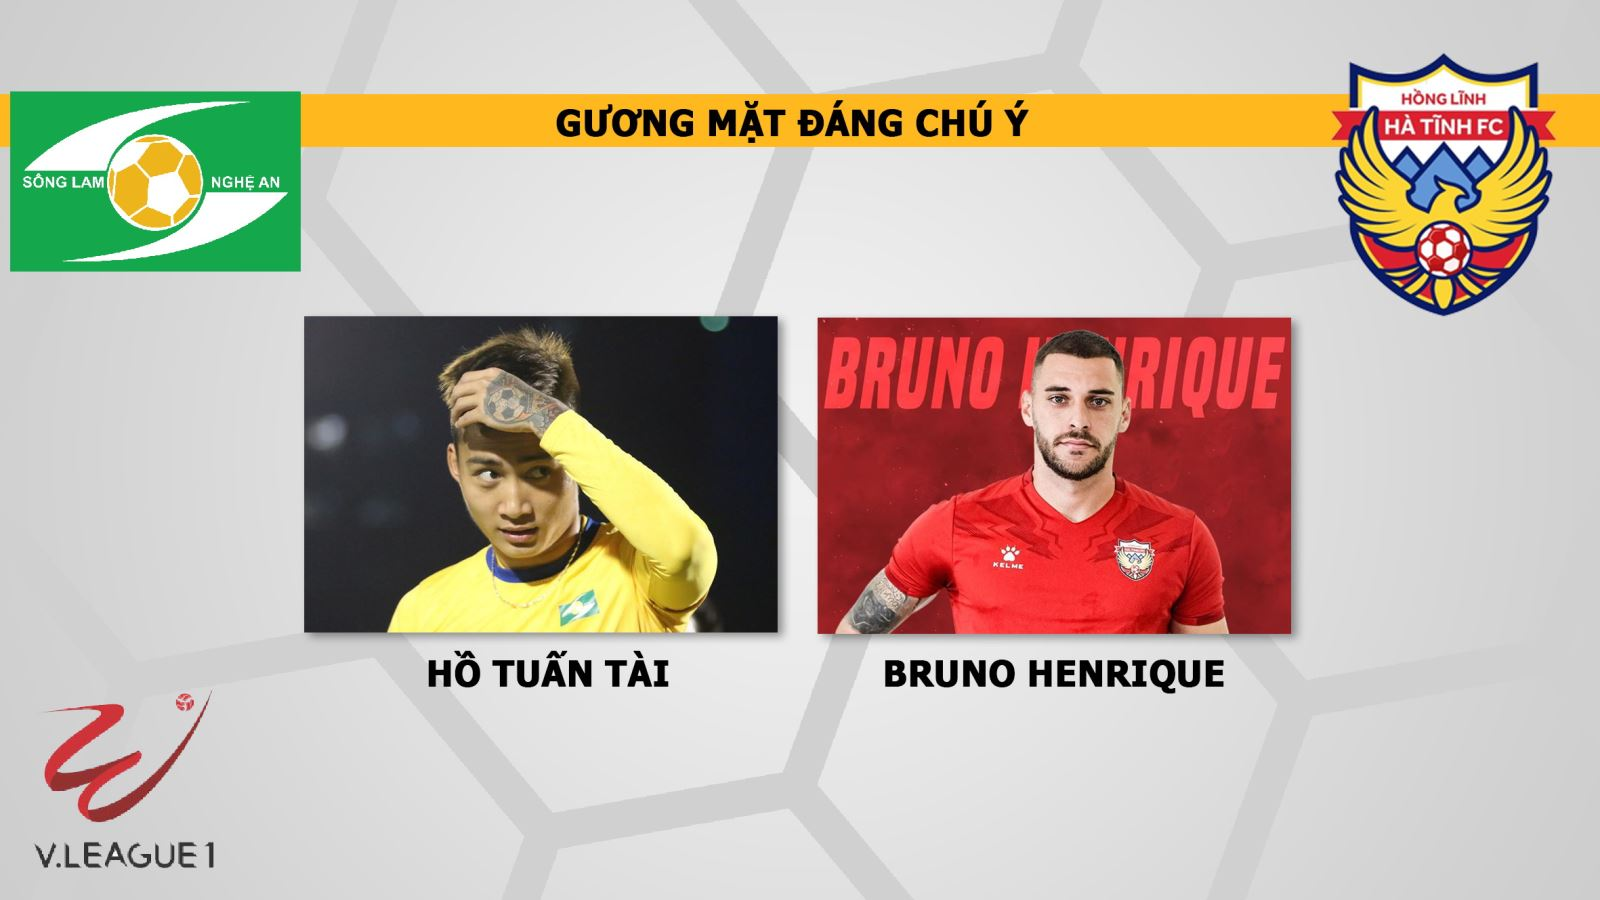 SLNA vs Hà Tĩnh, SLNA, Hà Tĩnh, trực tiếp bóng đá, trực tiếp SLNA vs Hà Tĩnh, soi kèo, kèo bóng đá, V-League